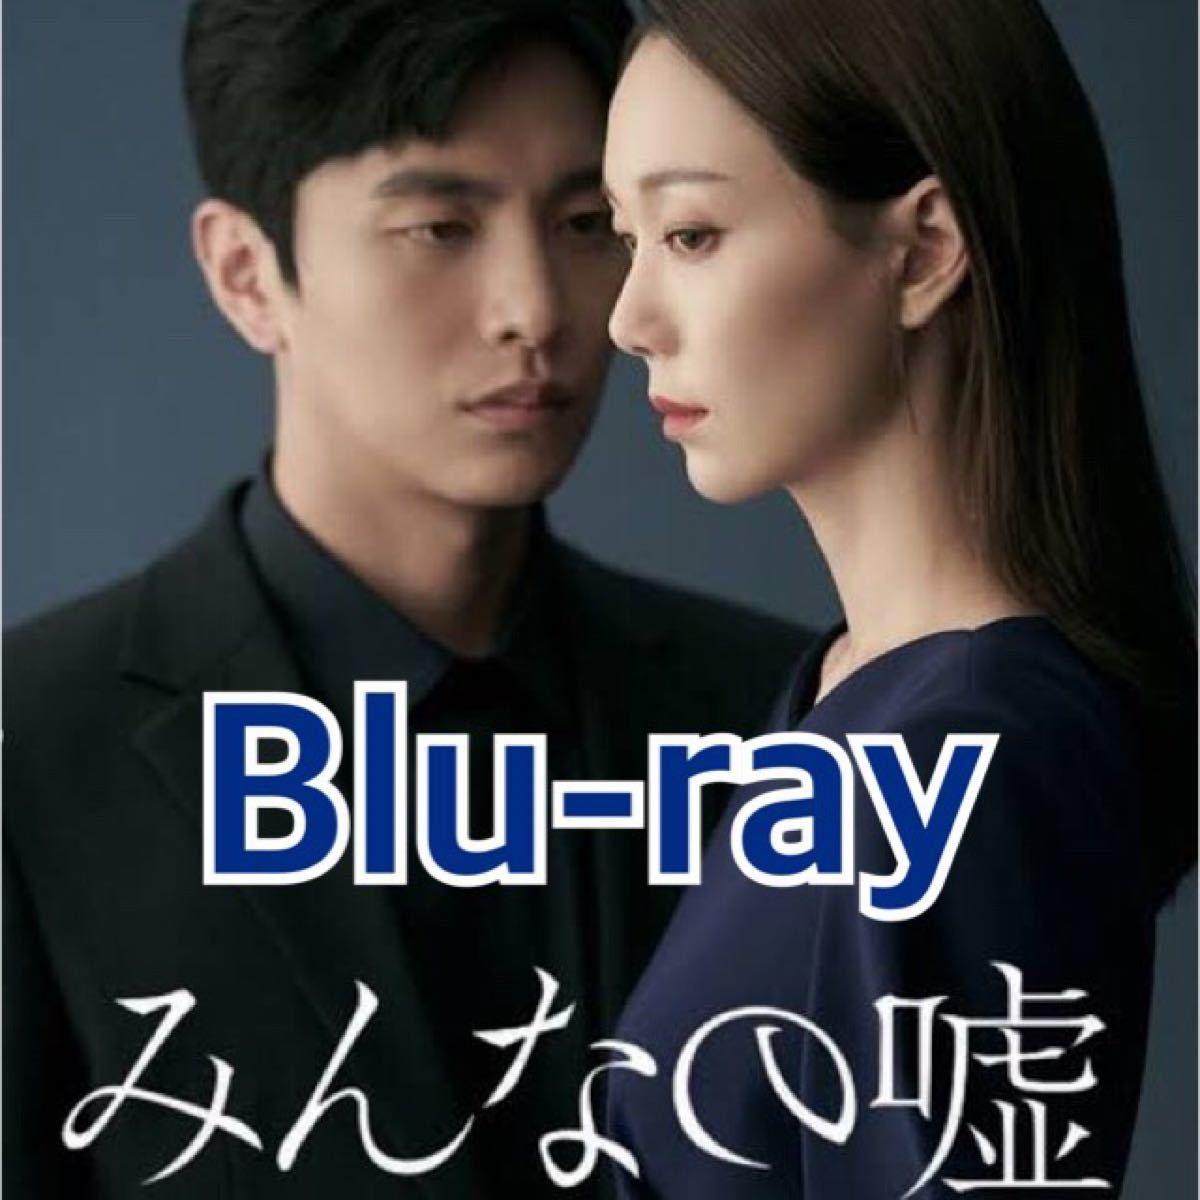 韓国ドラマ みんなの嘘 Blu-ray